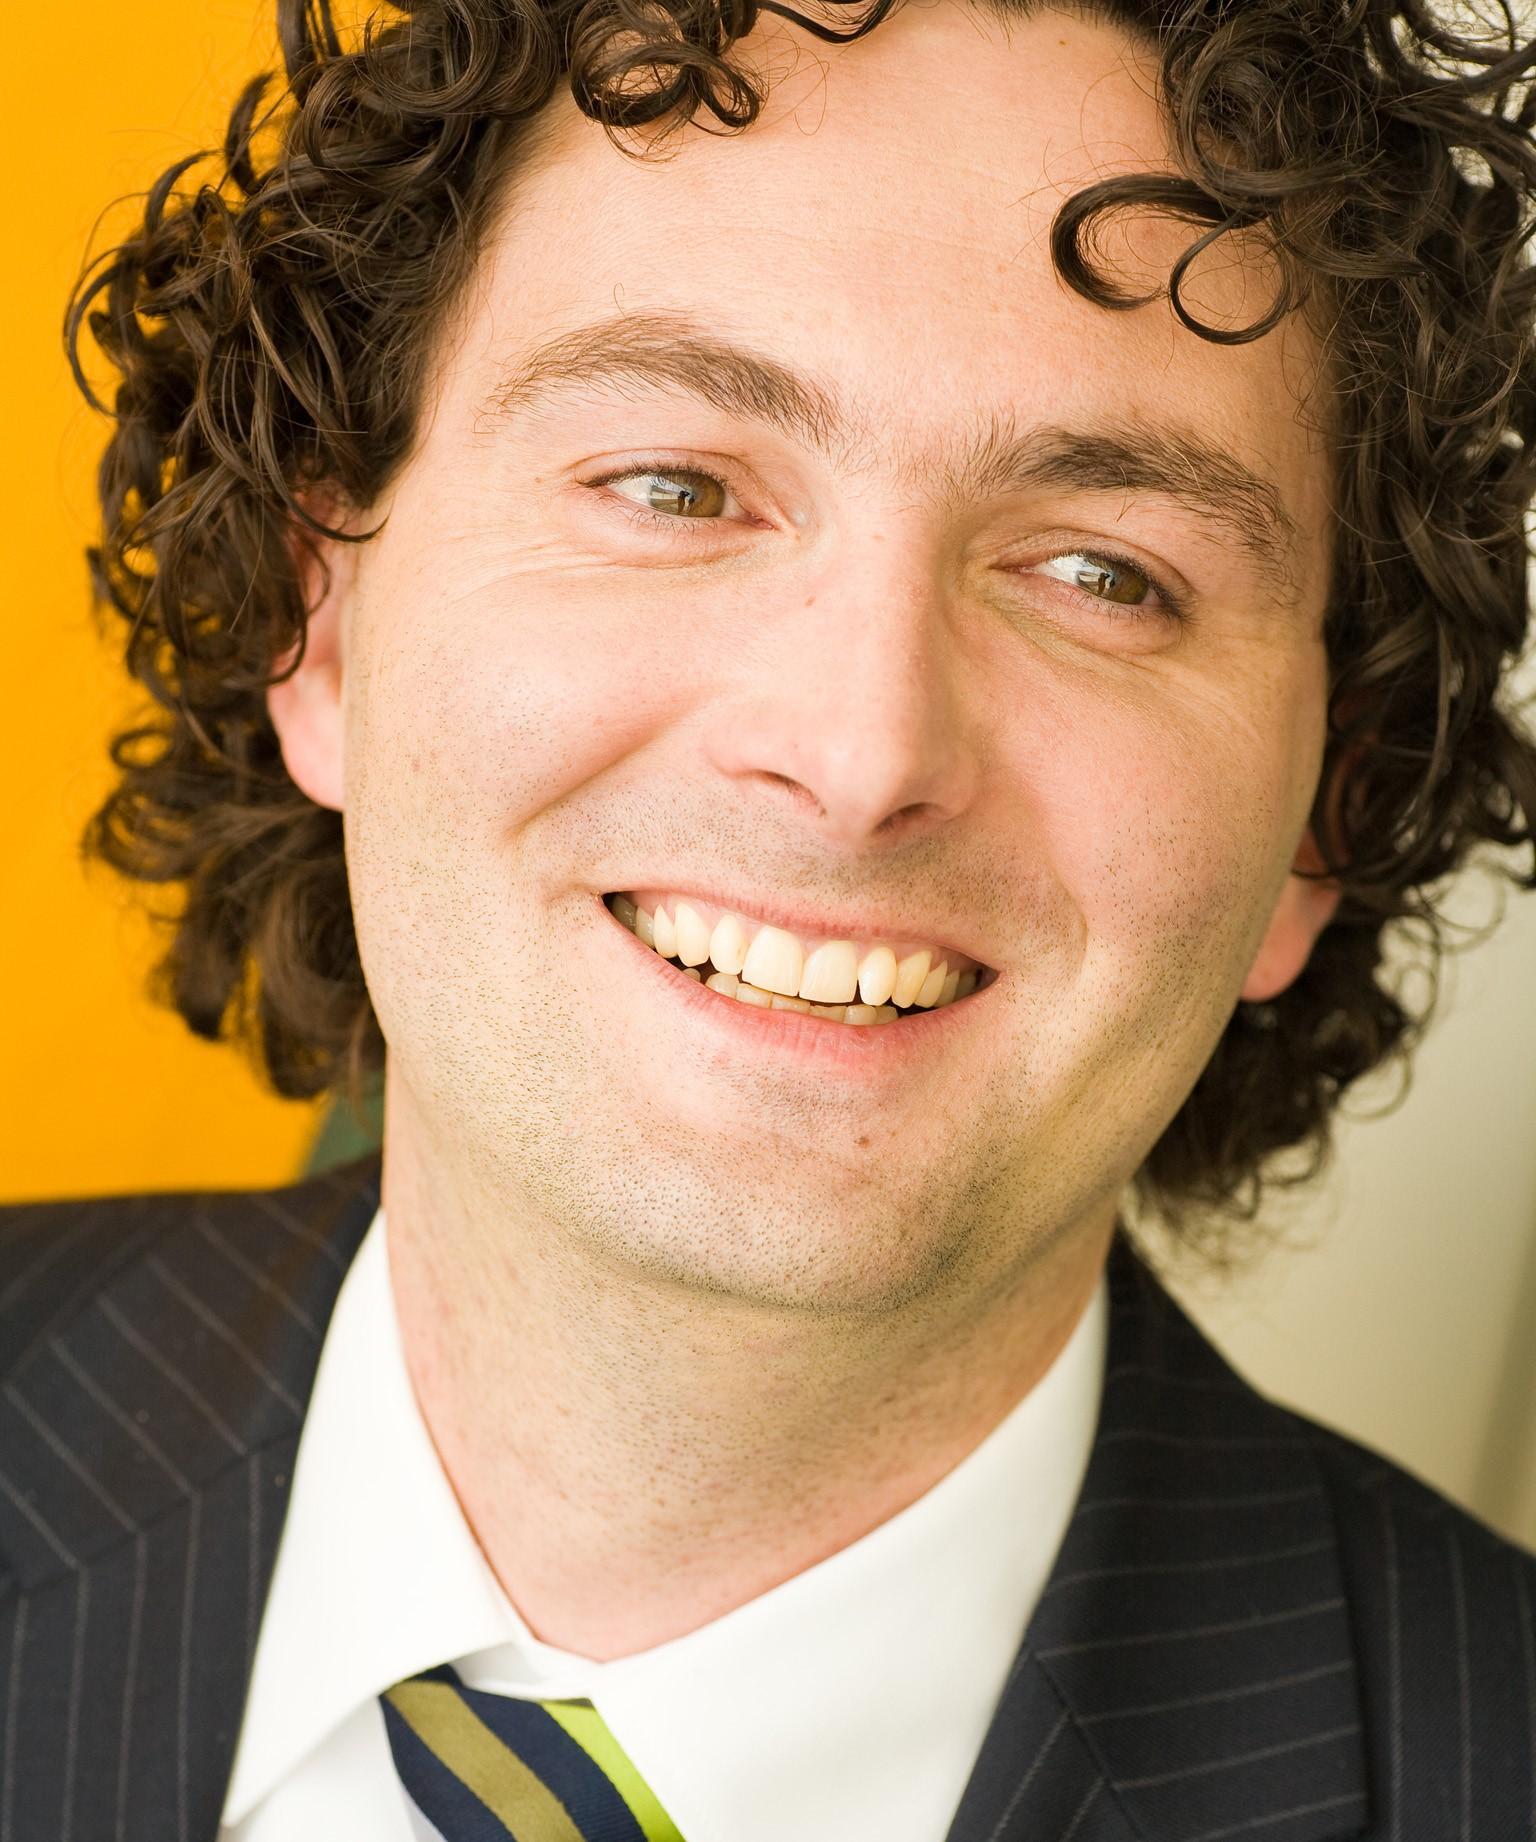 Dr. Axel Schell